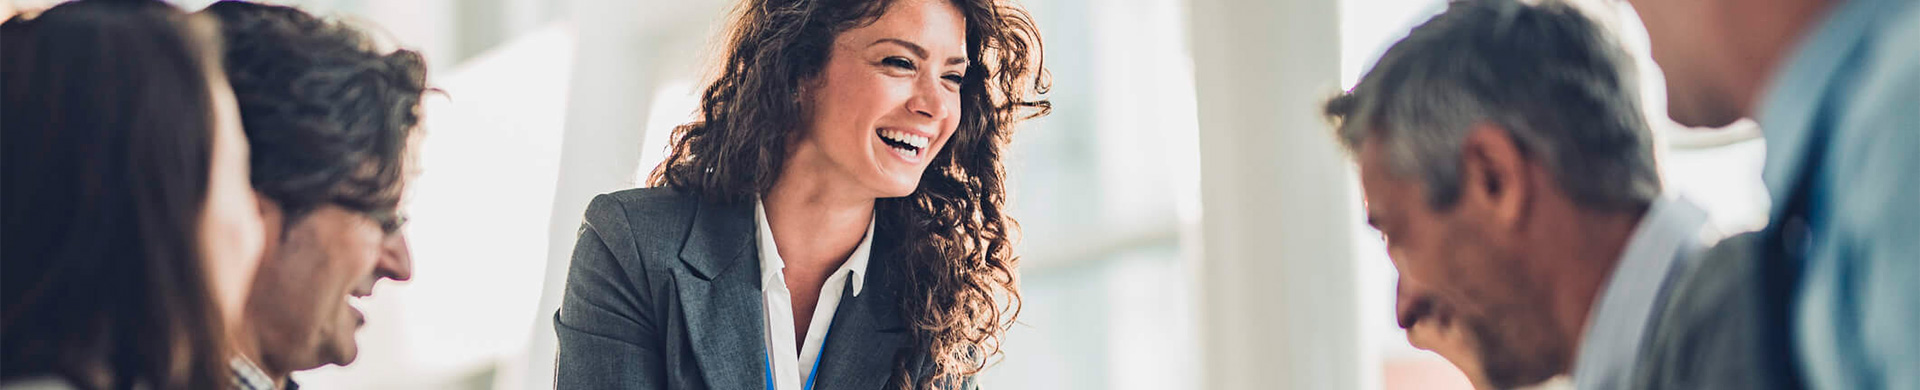 Segmentação de clientes: como criar melhores estratégias para suas campanhas?